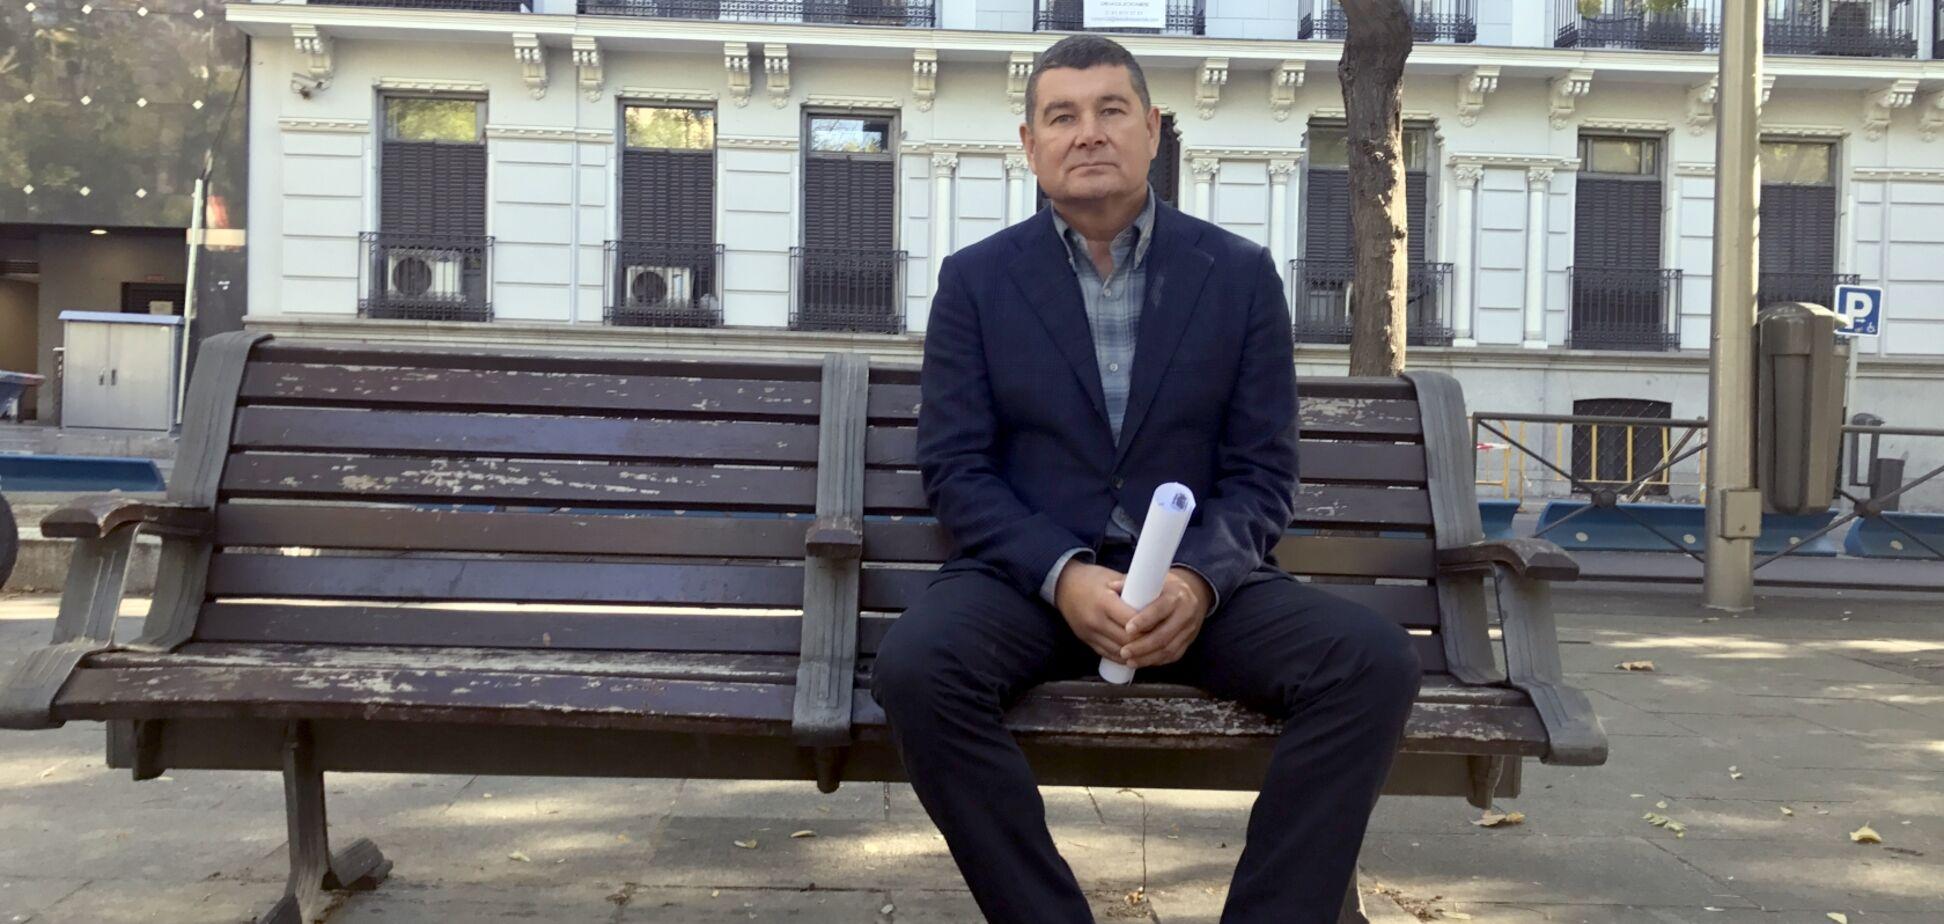 Беглеца Онищенко засекли в Европе на коне: опубликовано фото